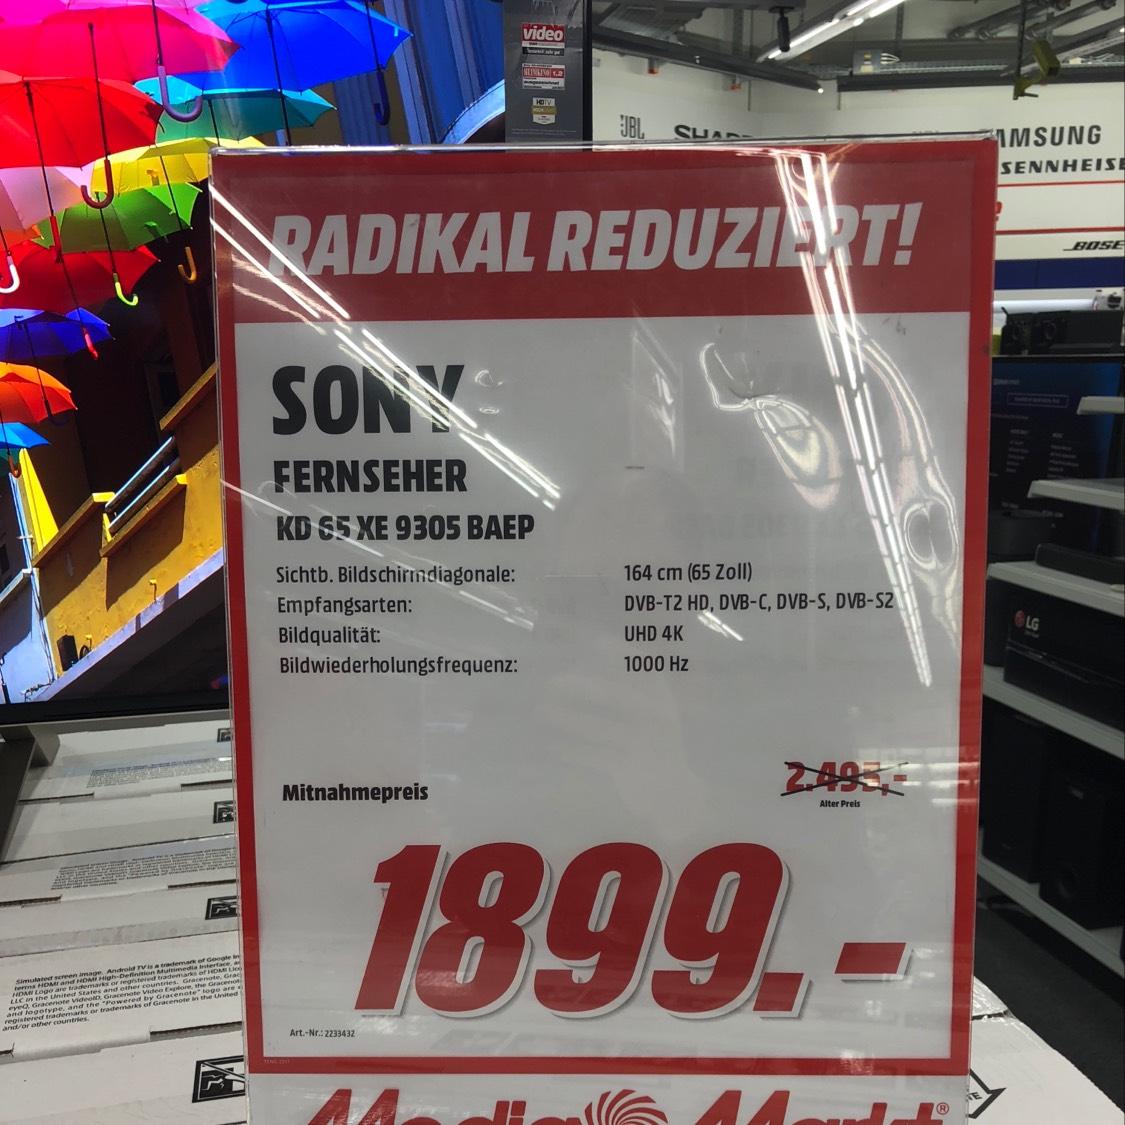 [Lokal] MM Bonn Sony KD 65 XE 9305